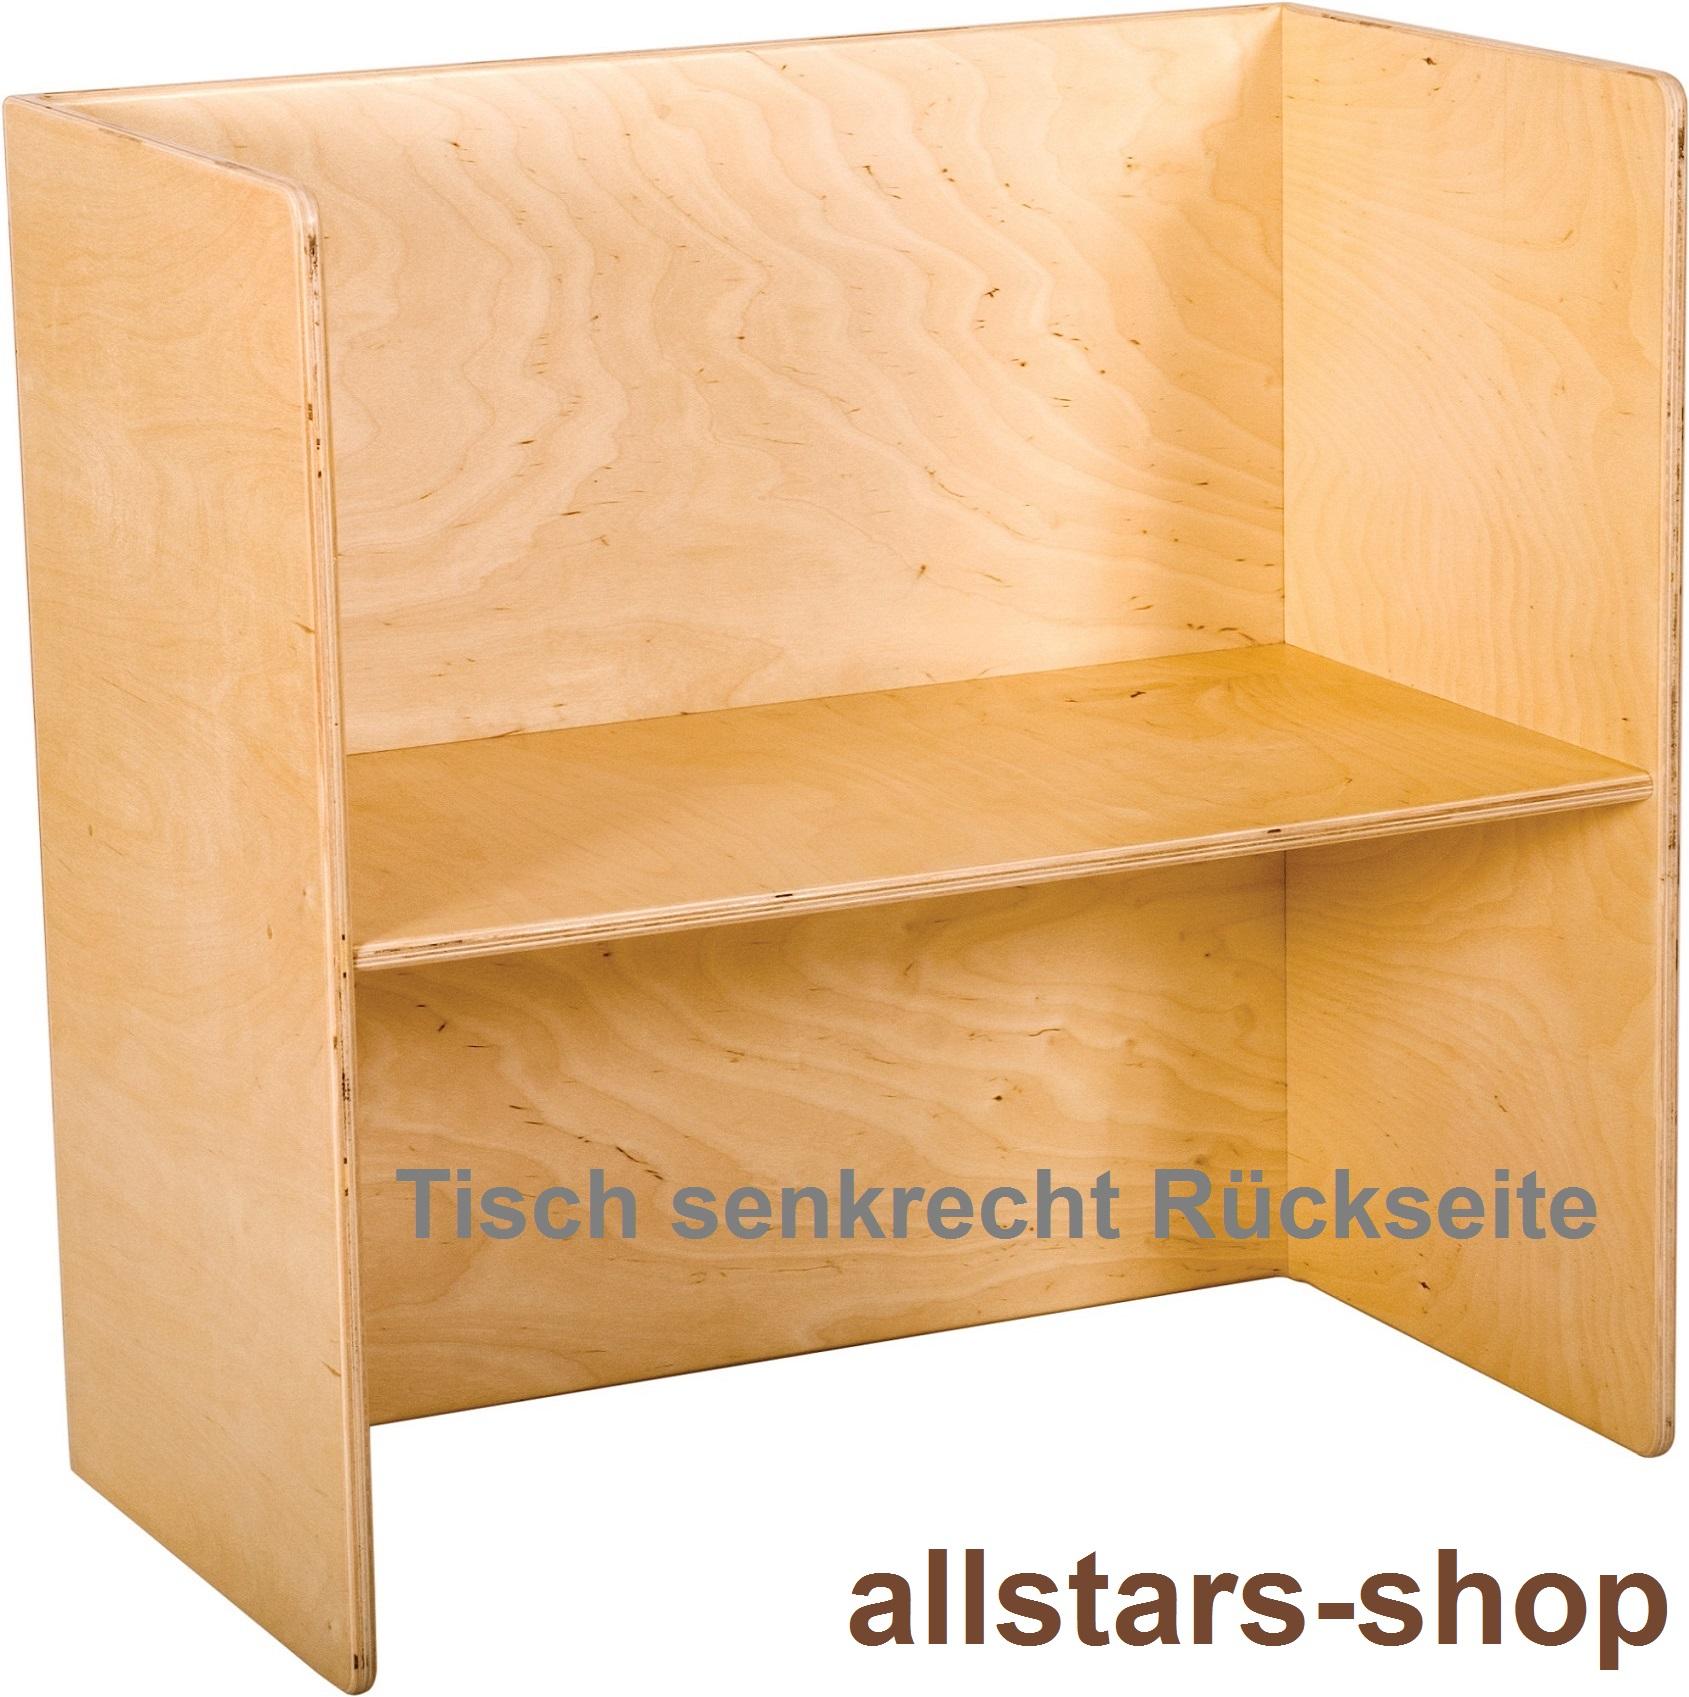 Allstars Wandelbare Kindermöbel Tisch Bank 2 Stühle